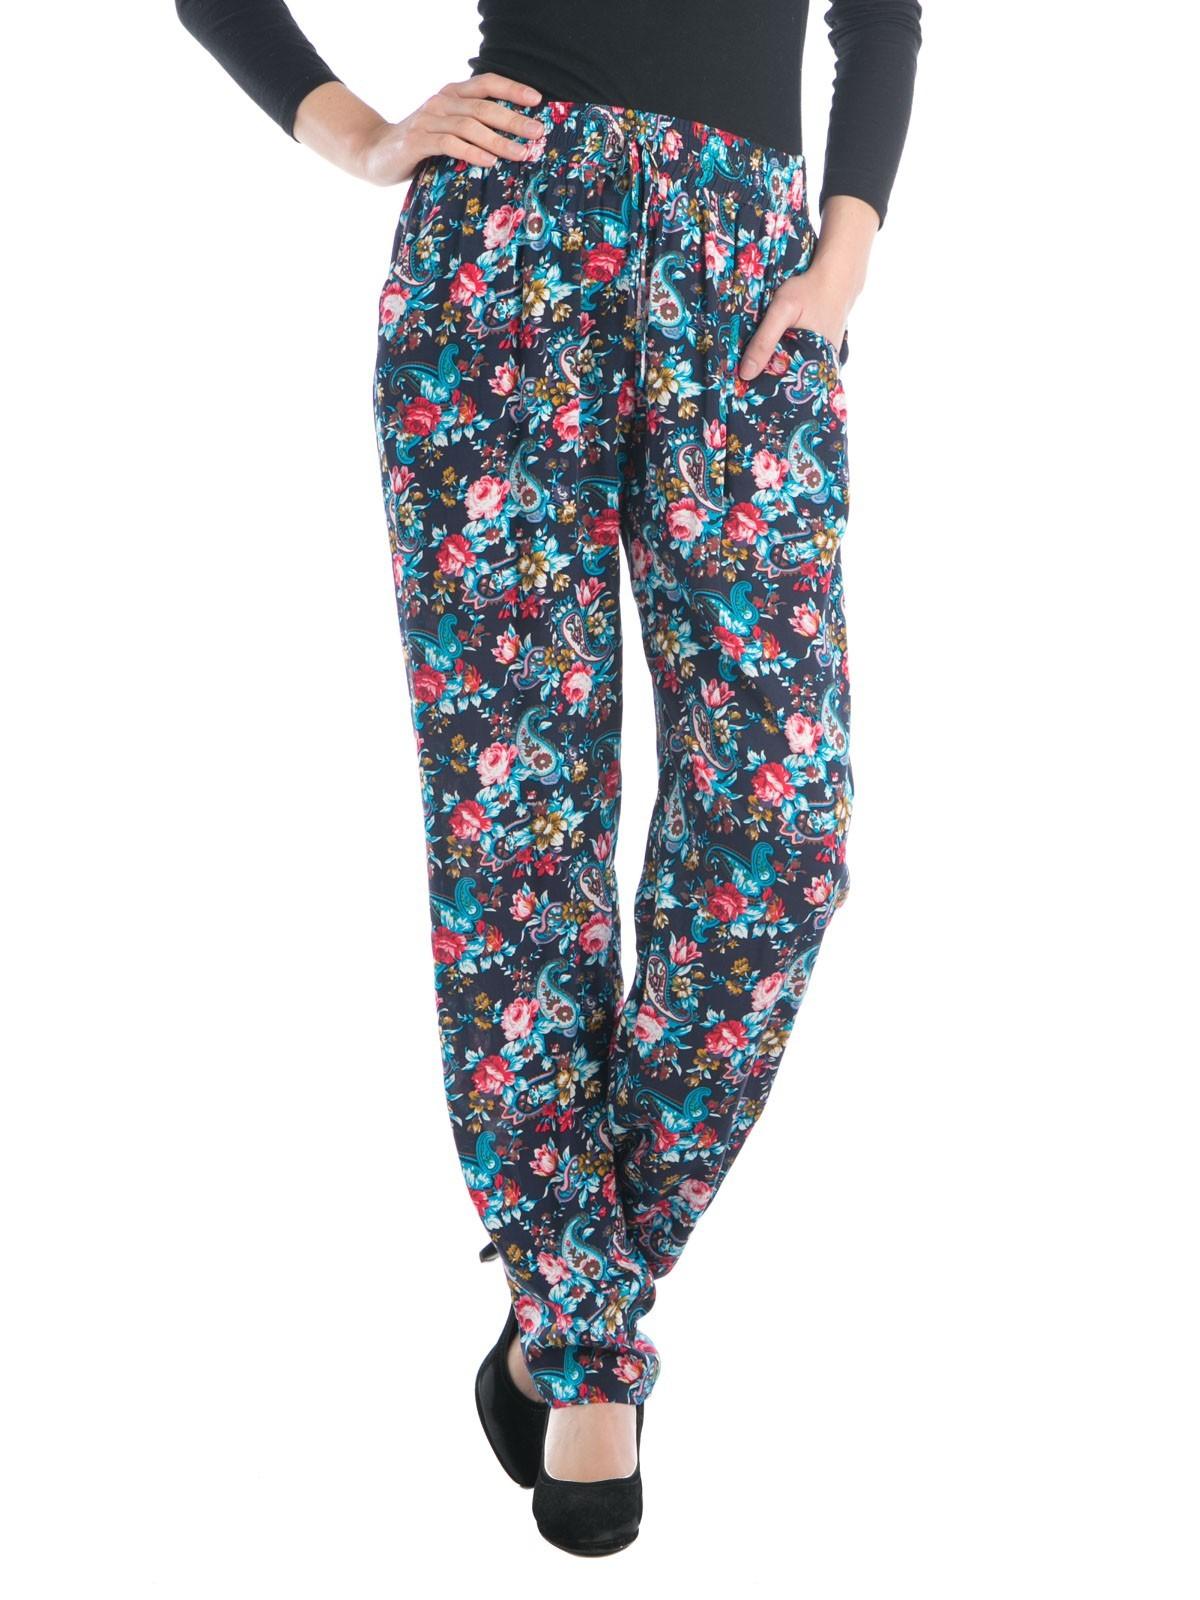 Pantalon fluide imprimé fleurs - DistriCenter 491963722a4